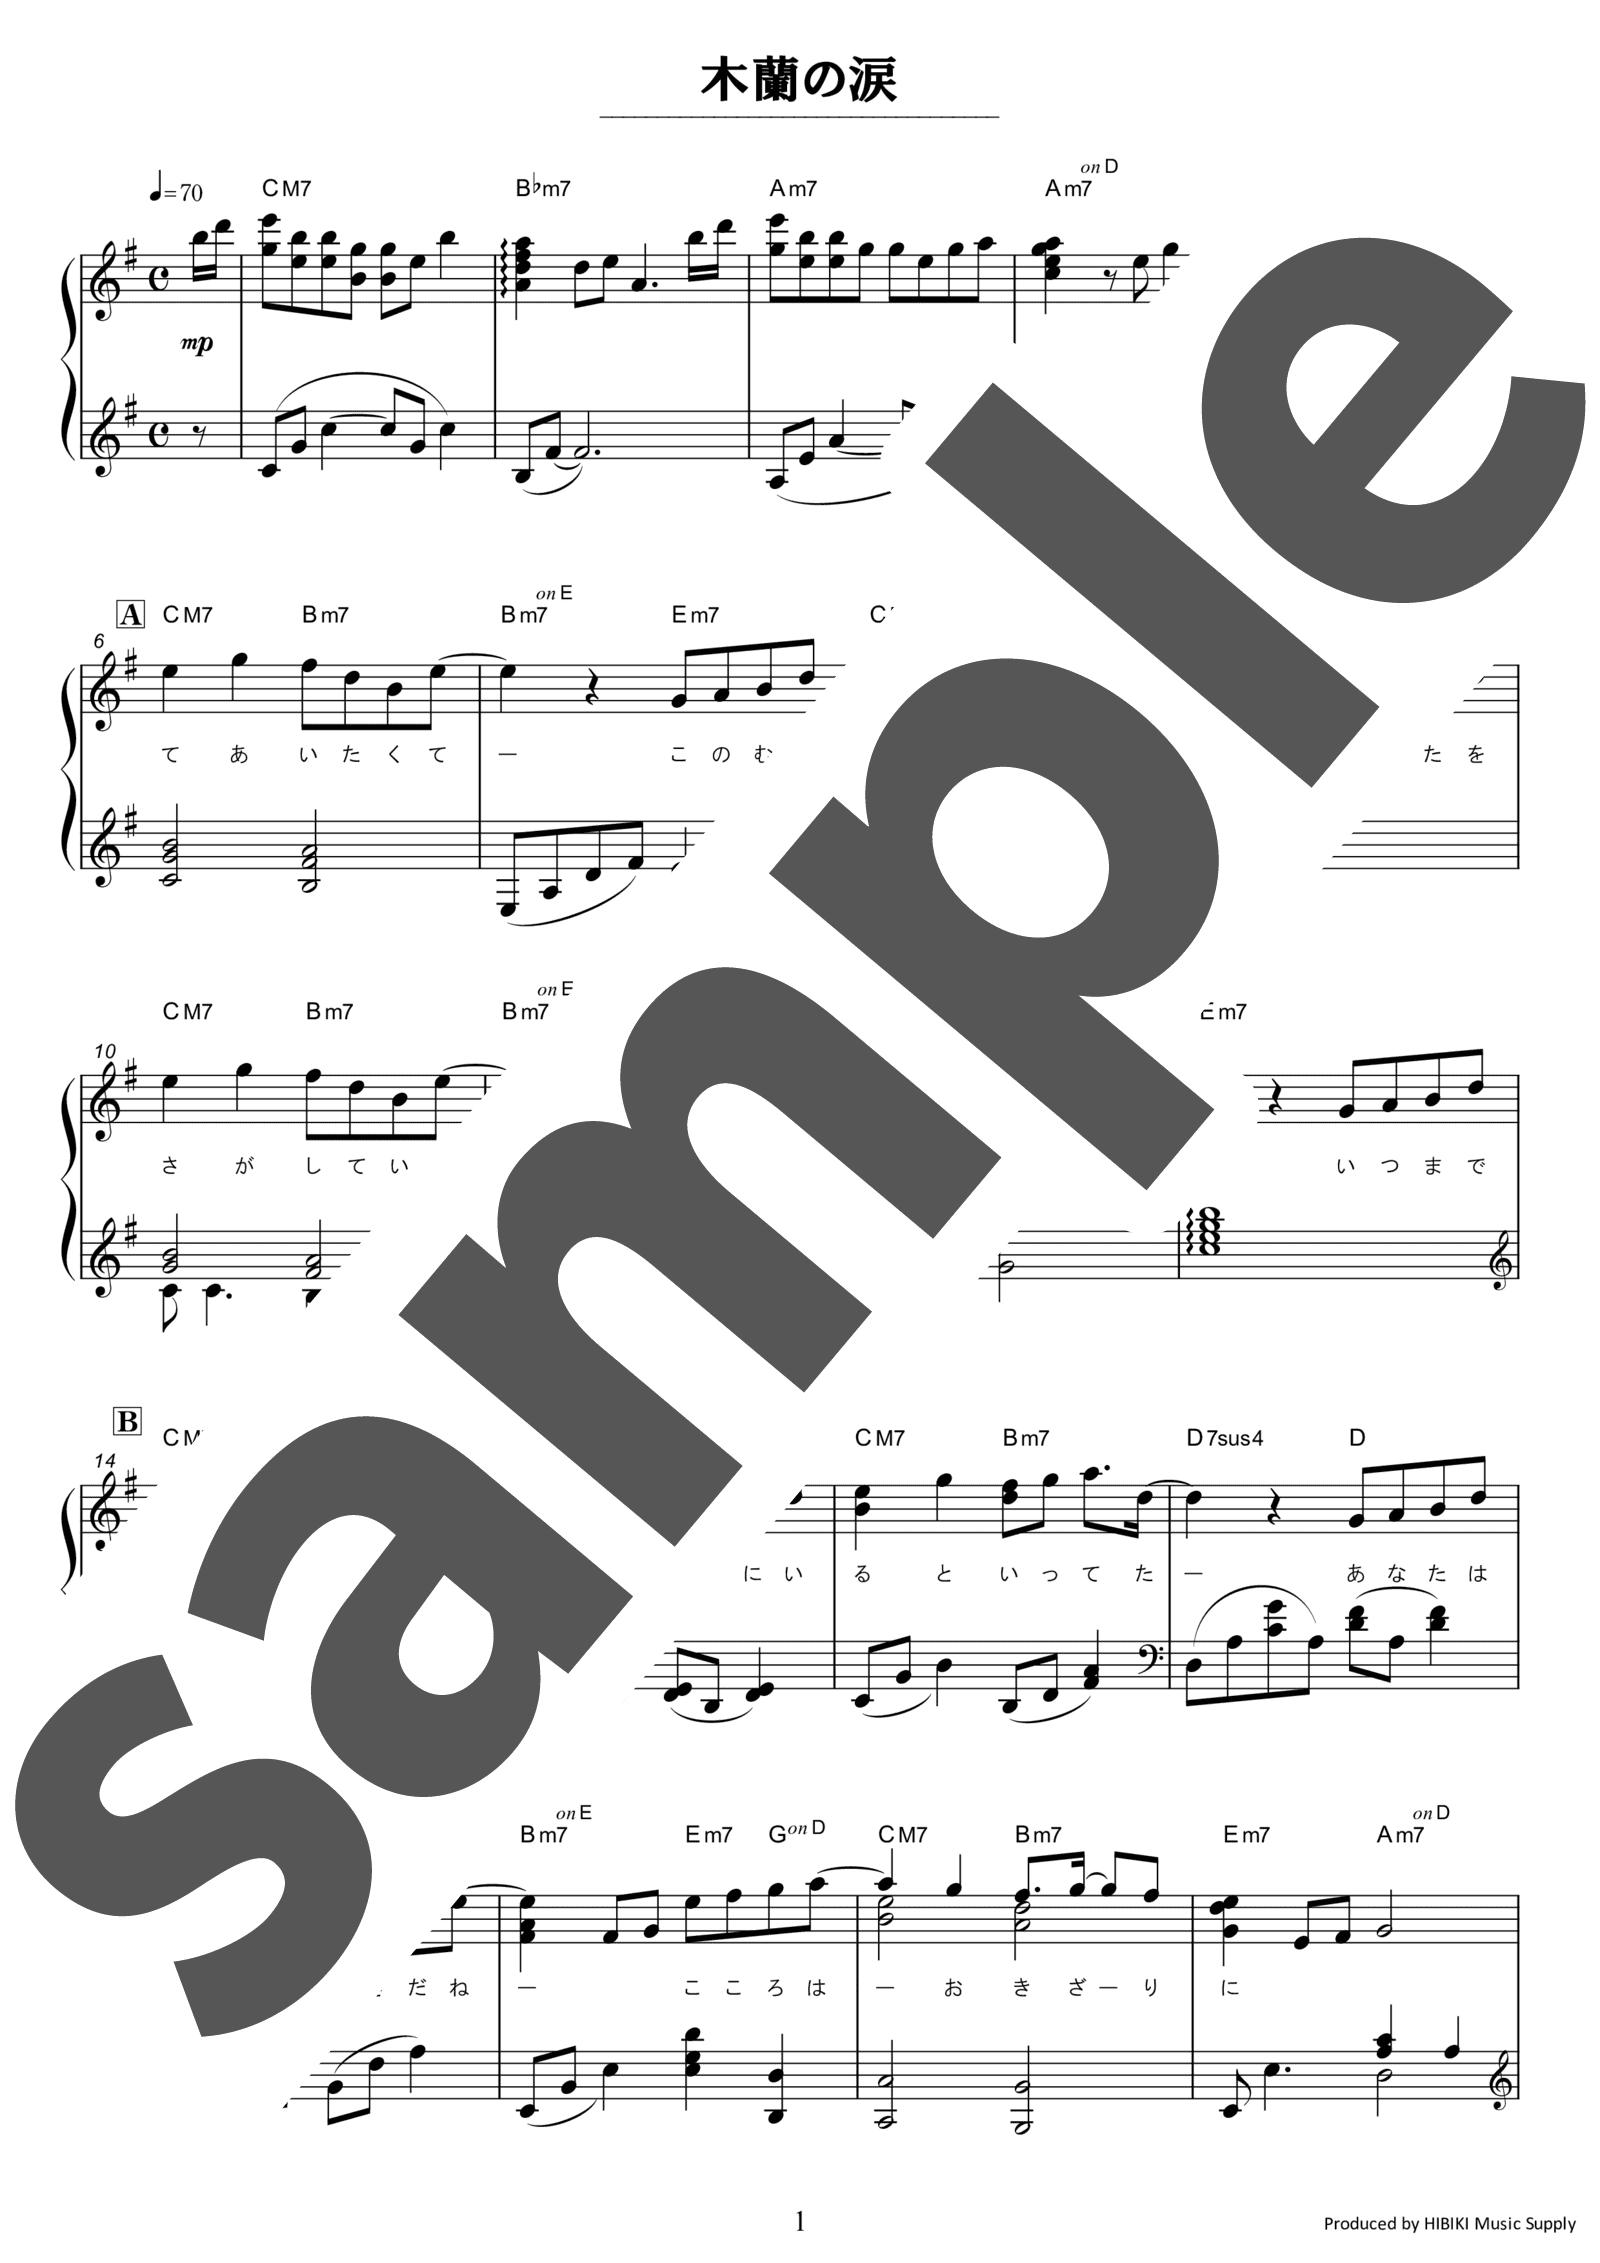 「木蘭の涙」のサンプル楽譜